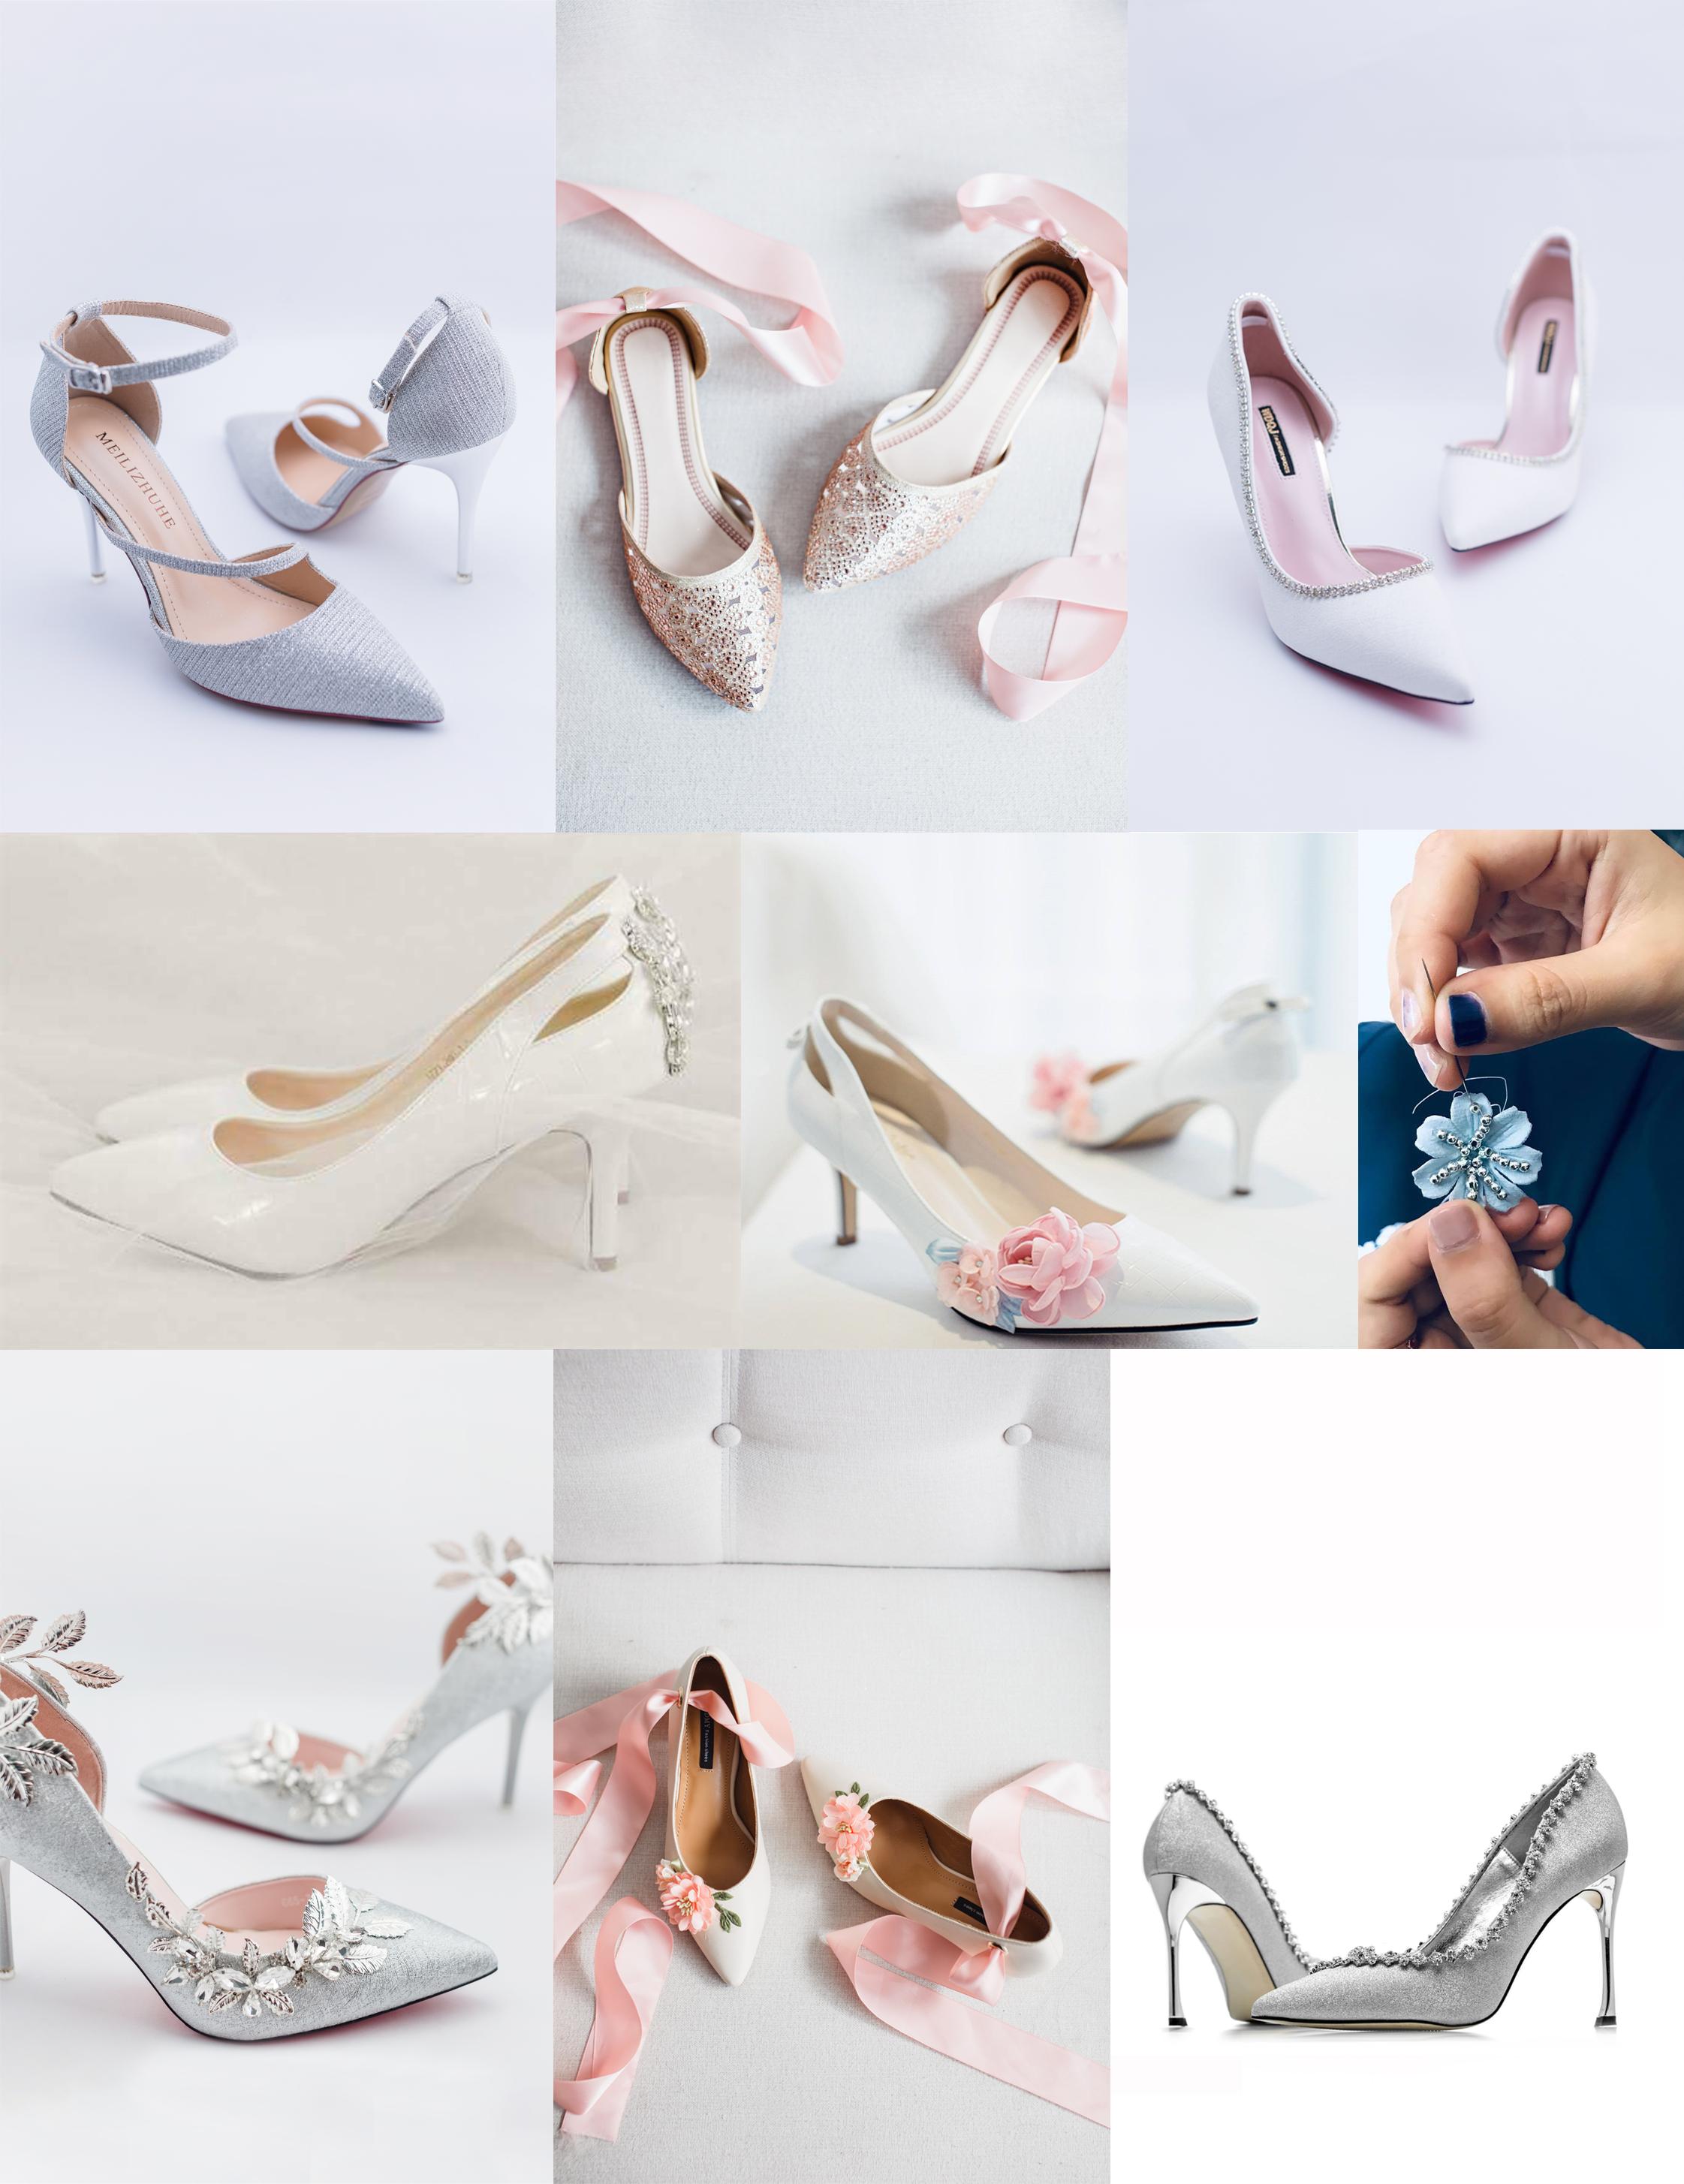 chaussures de mariée alsace strasbourg haguenau bas rhion haut rhin mulhouse colmar benfeld saverne luxembourg belgique suisse metz nancy